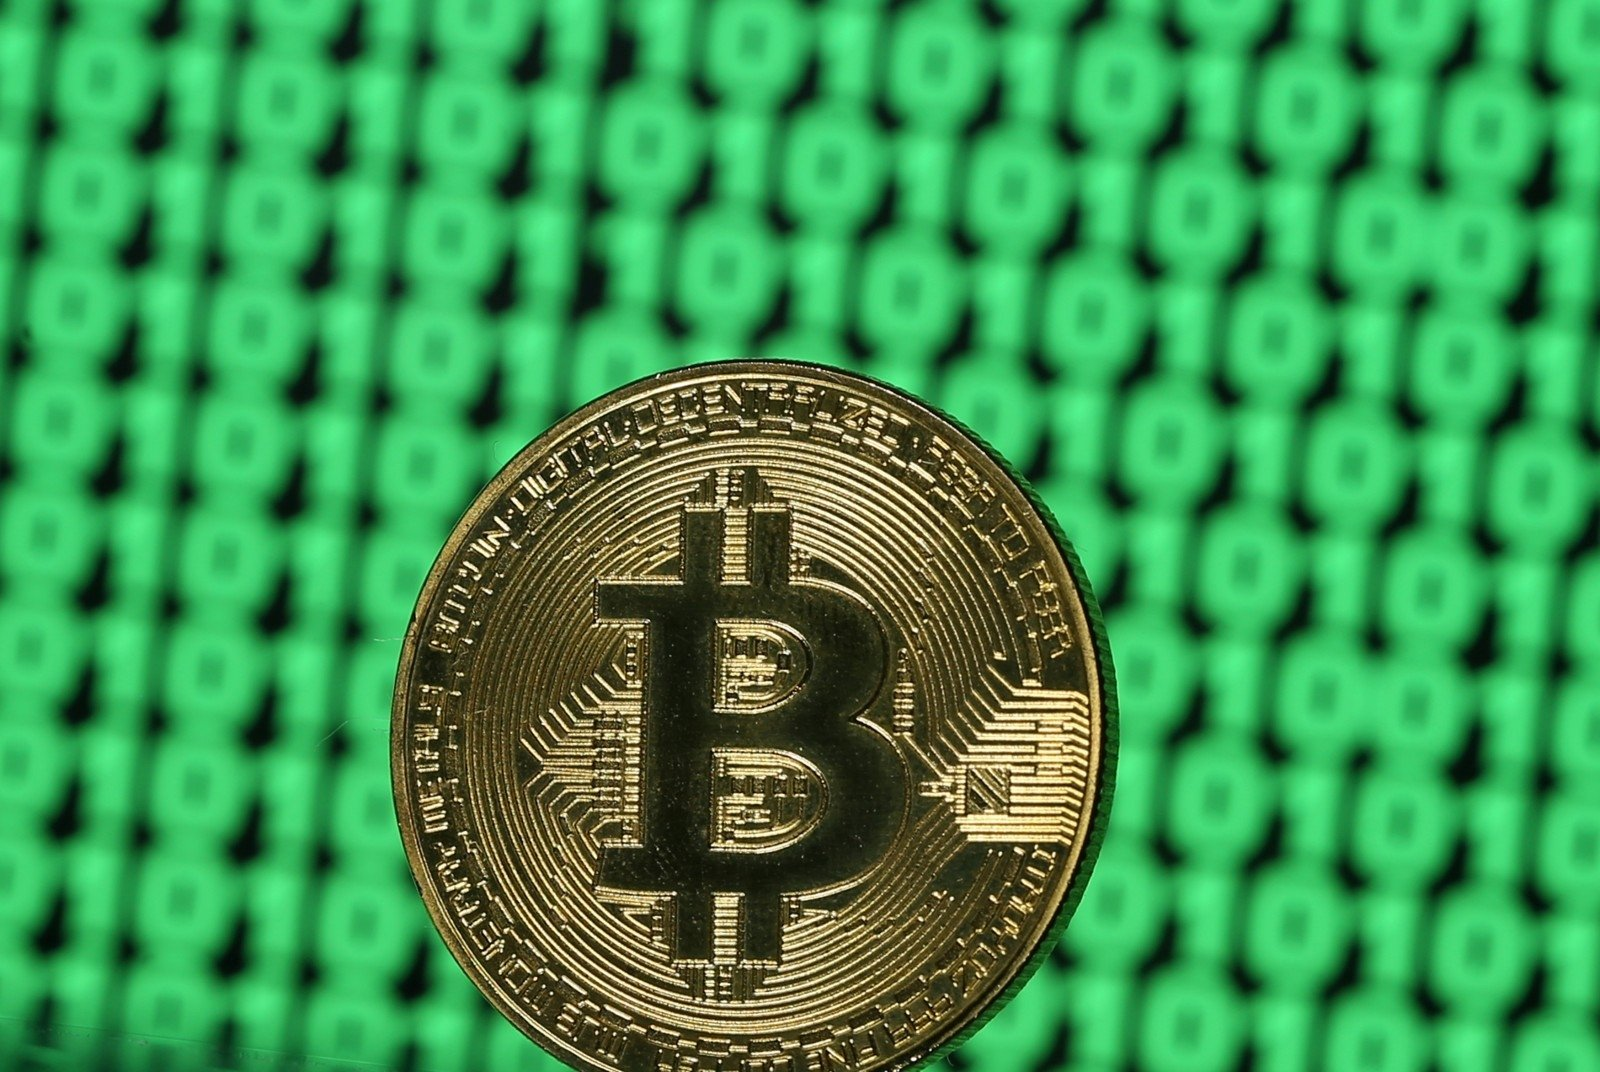 kaip greitai užsidirbti pinigų ir daug bitkoinų žymėti dvejetainių parinkčių rodiklį